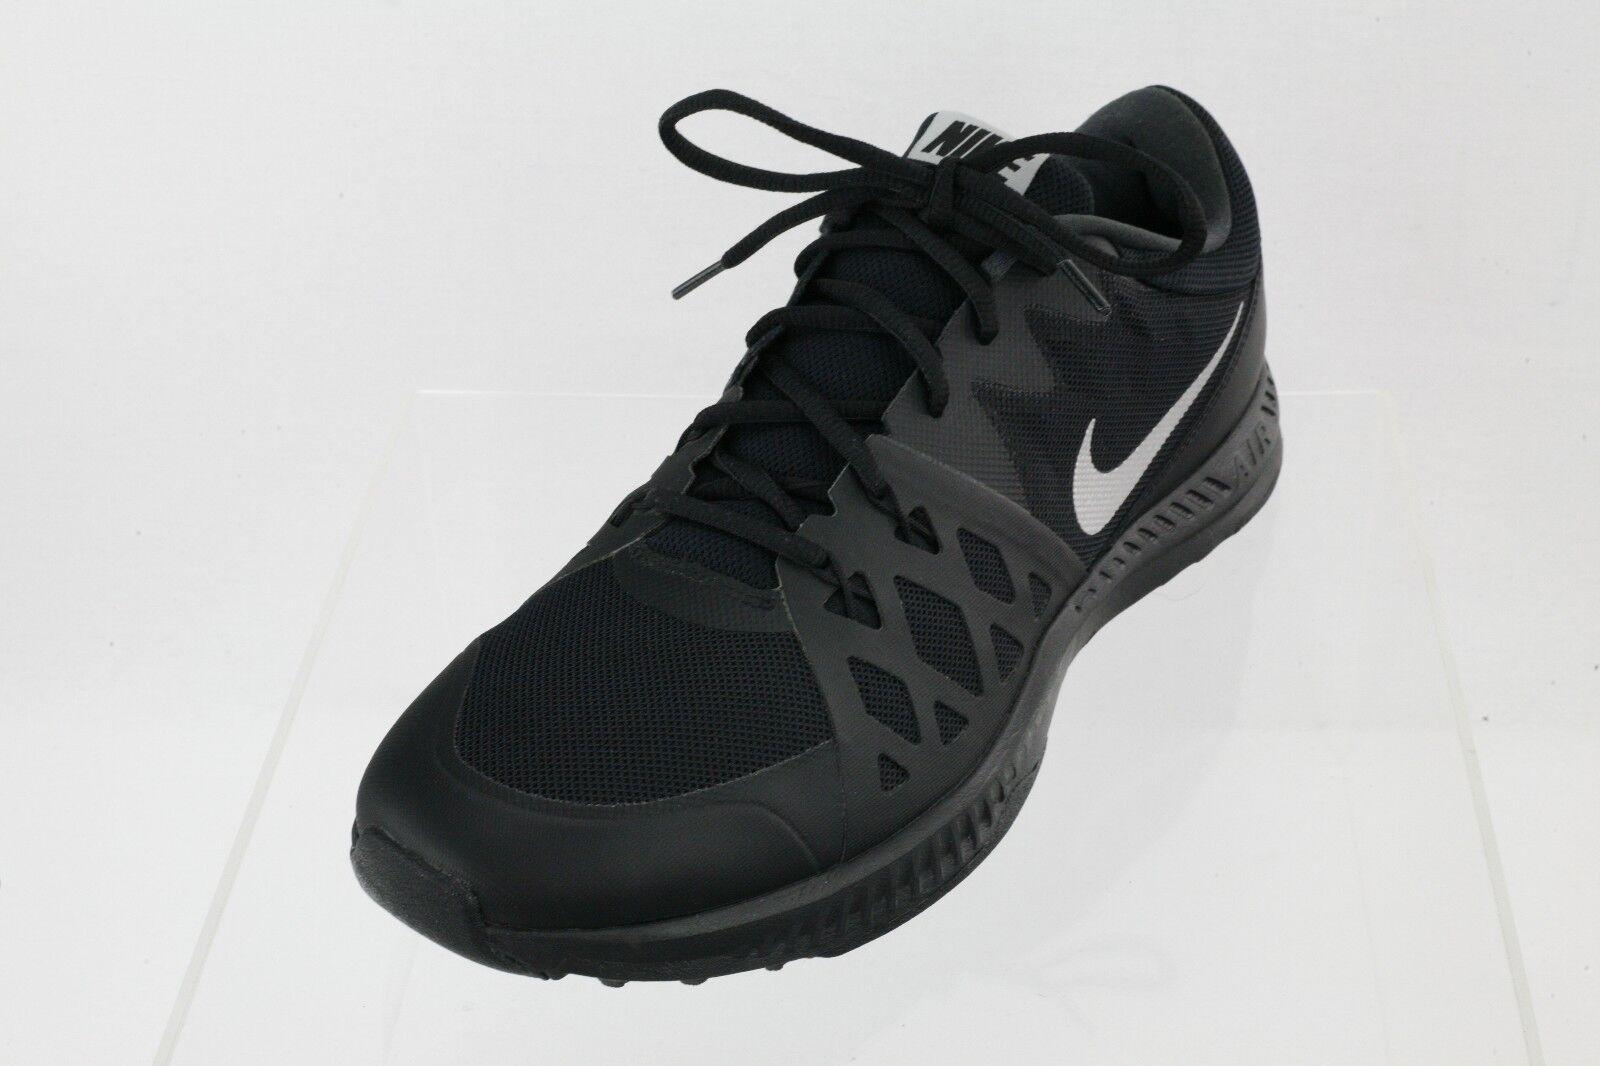 Los hombres de zapatillas Nike 852456-002 Negro Lace Up running zapatillas de zapatos cómodos 53a289